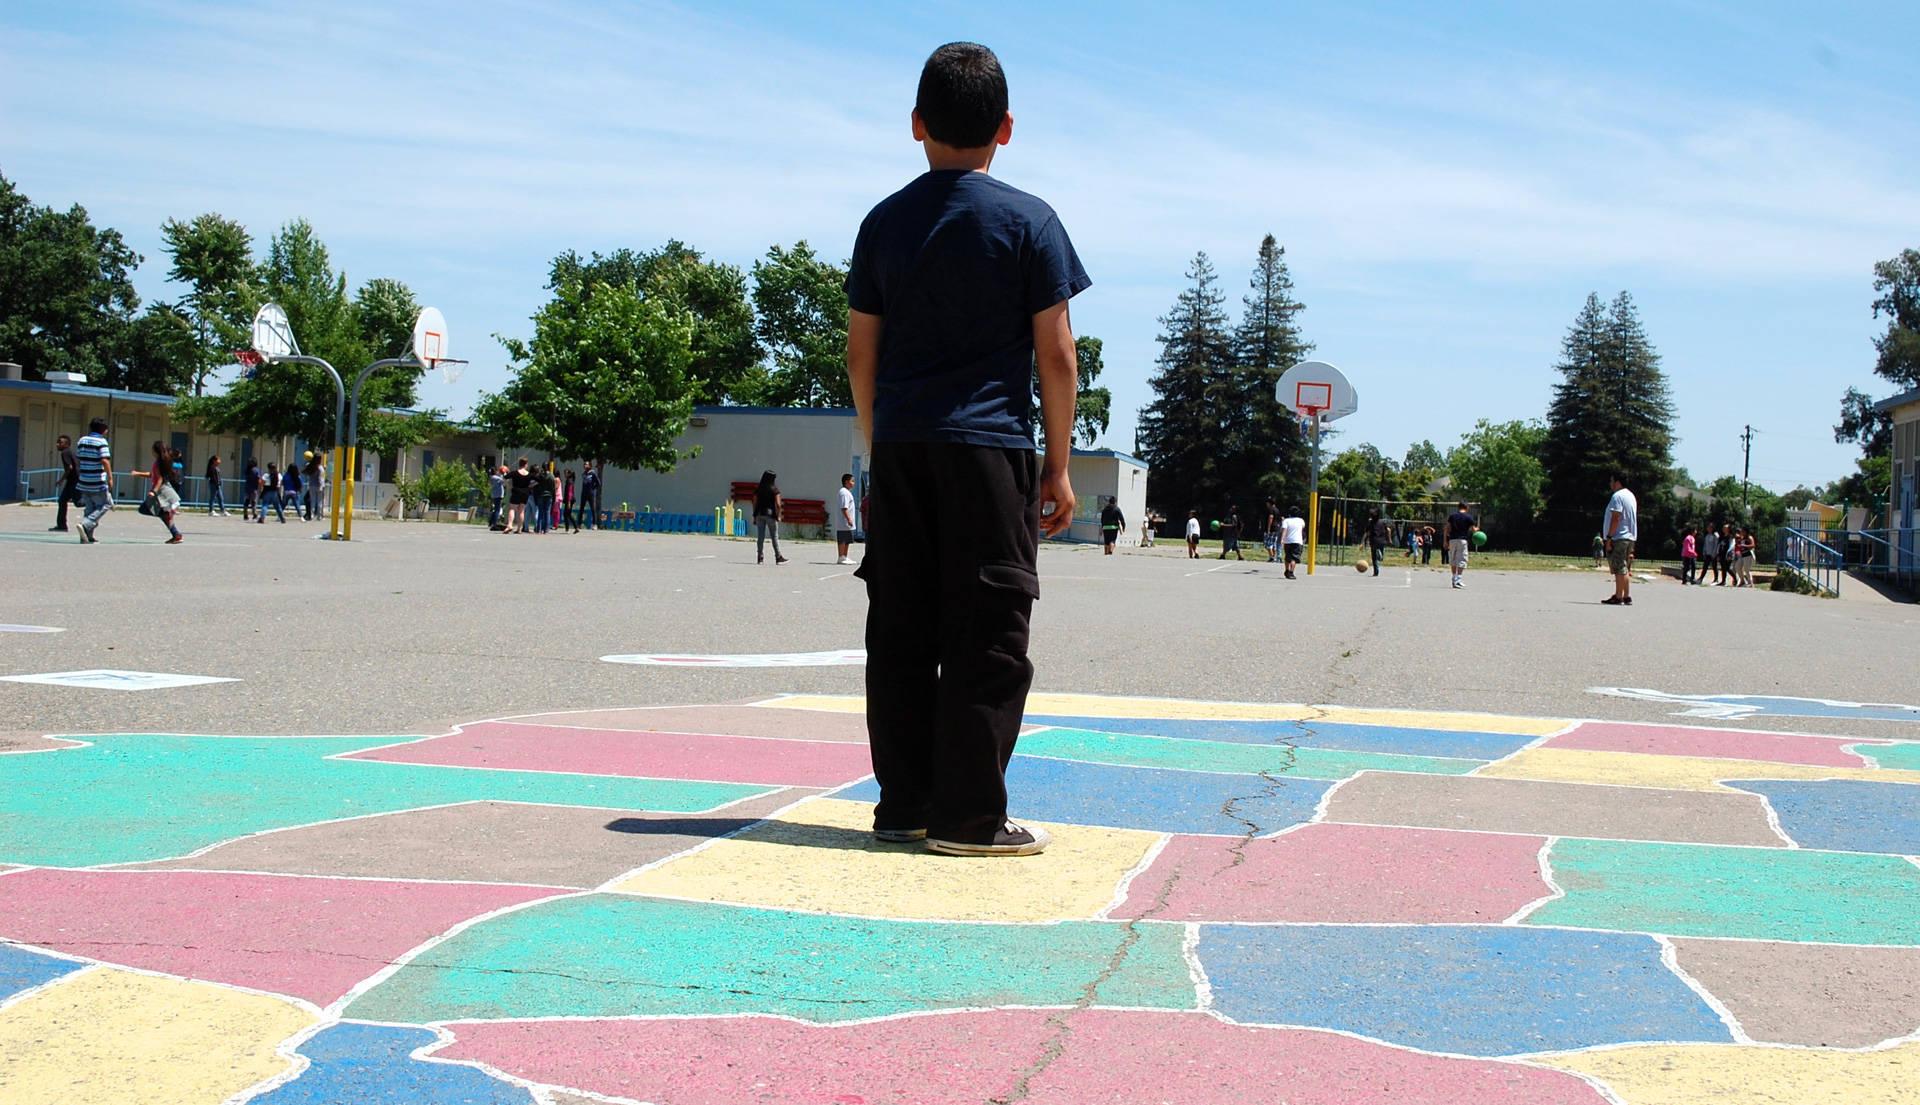 Caption: Arriba: Más de 500 estudiantes asisten a la Oak Ridge Elementary School en Sacramento. Muchos hablan el inglés como segundo idioma. Bajo la nueva manera de distribuir fondos del estado, las escuelas con altos números de tales estudiantes ahora reciben fondos adicionales para ayudar a acelerar los logros académicos.  Gabriel Salcedo/KQED